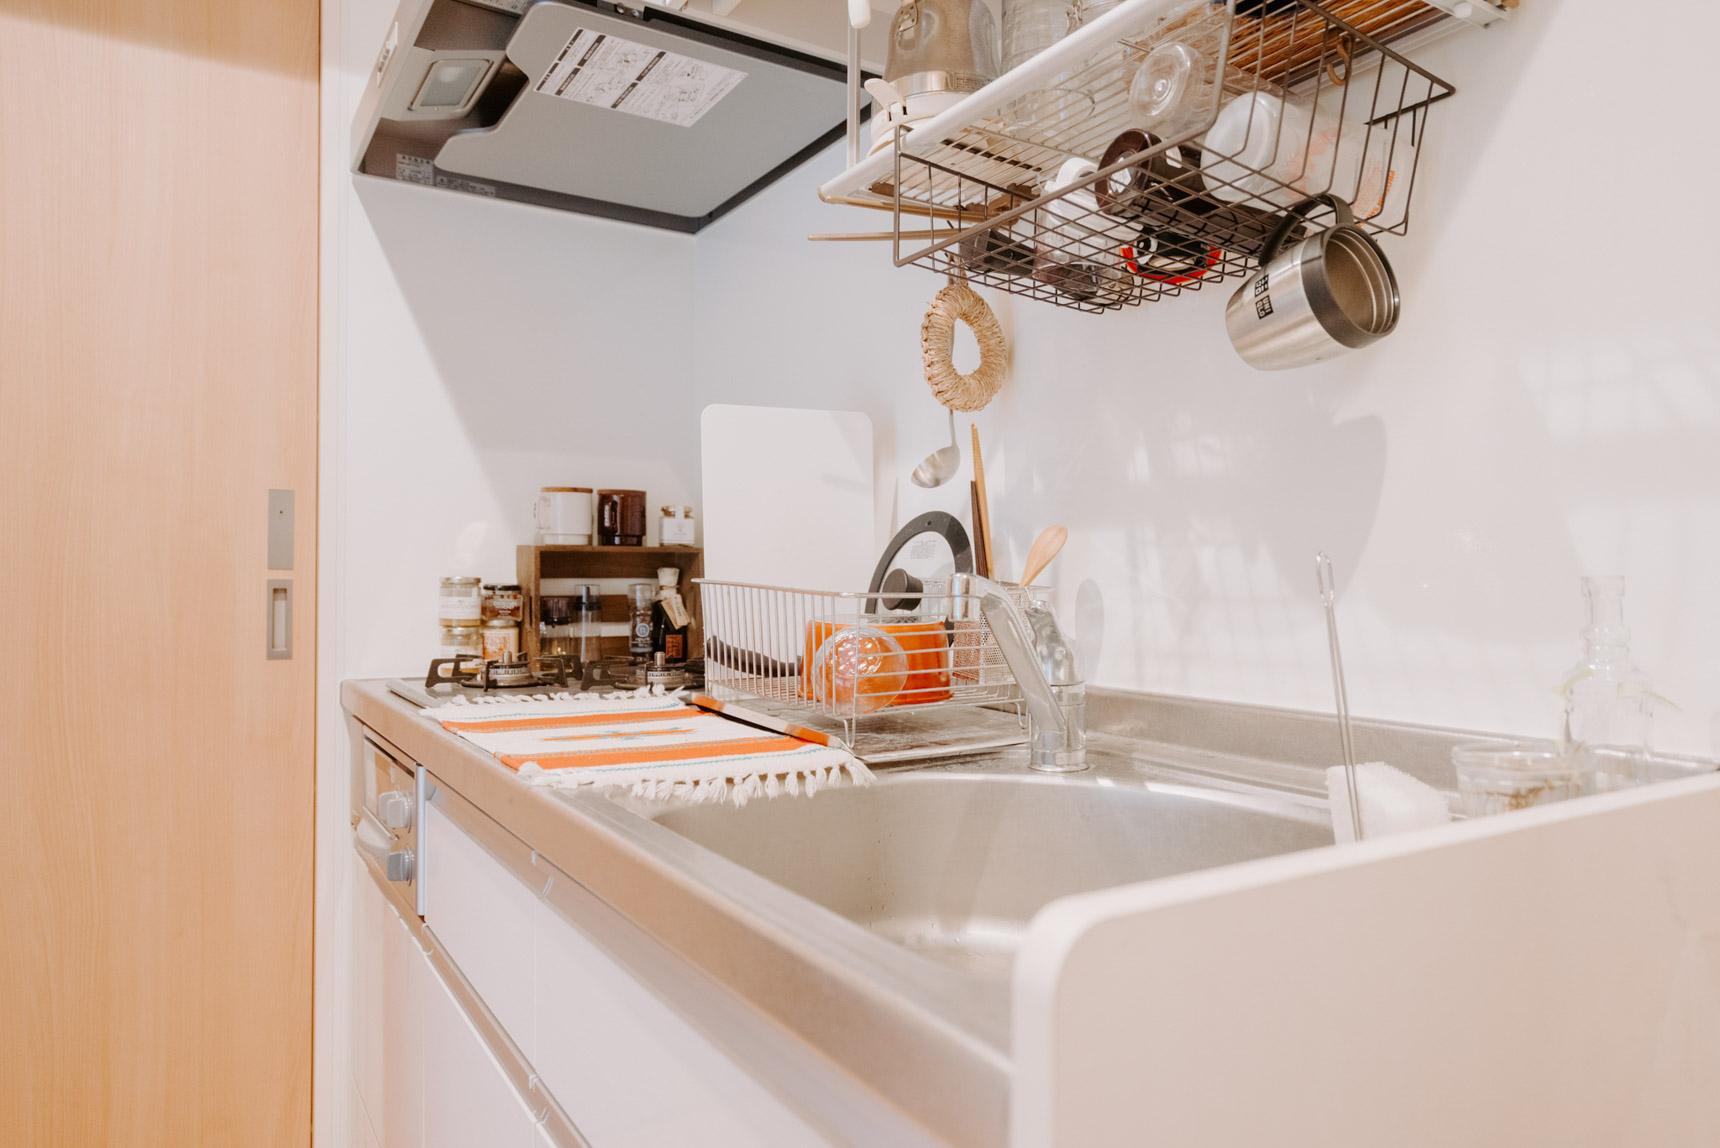 引っ掛けられる棚や、木箱を置いて、使いやすく整頓されたキッチン。